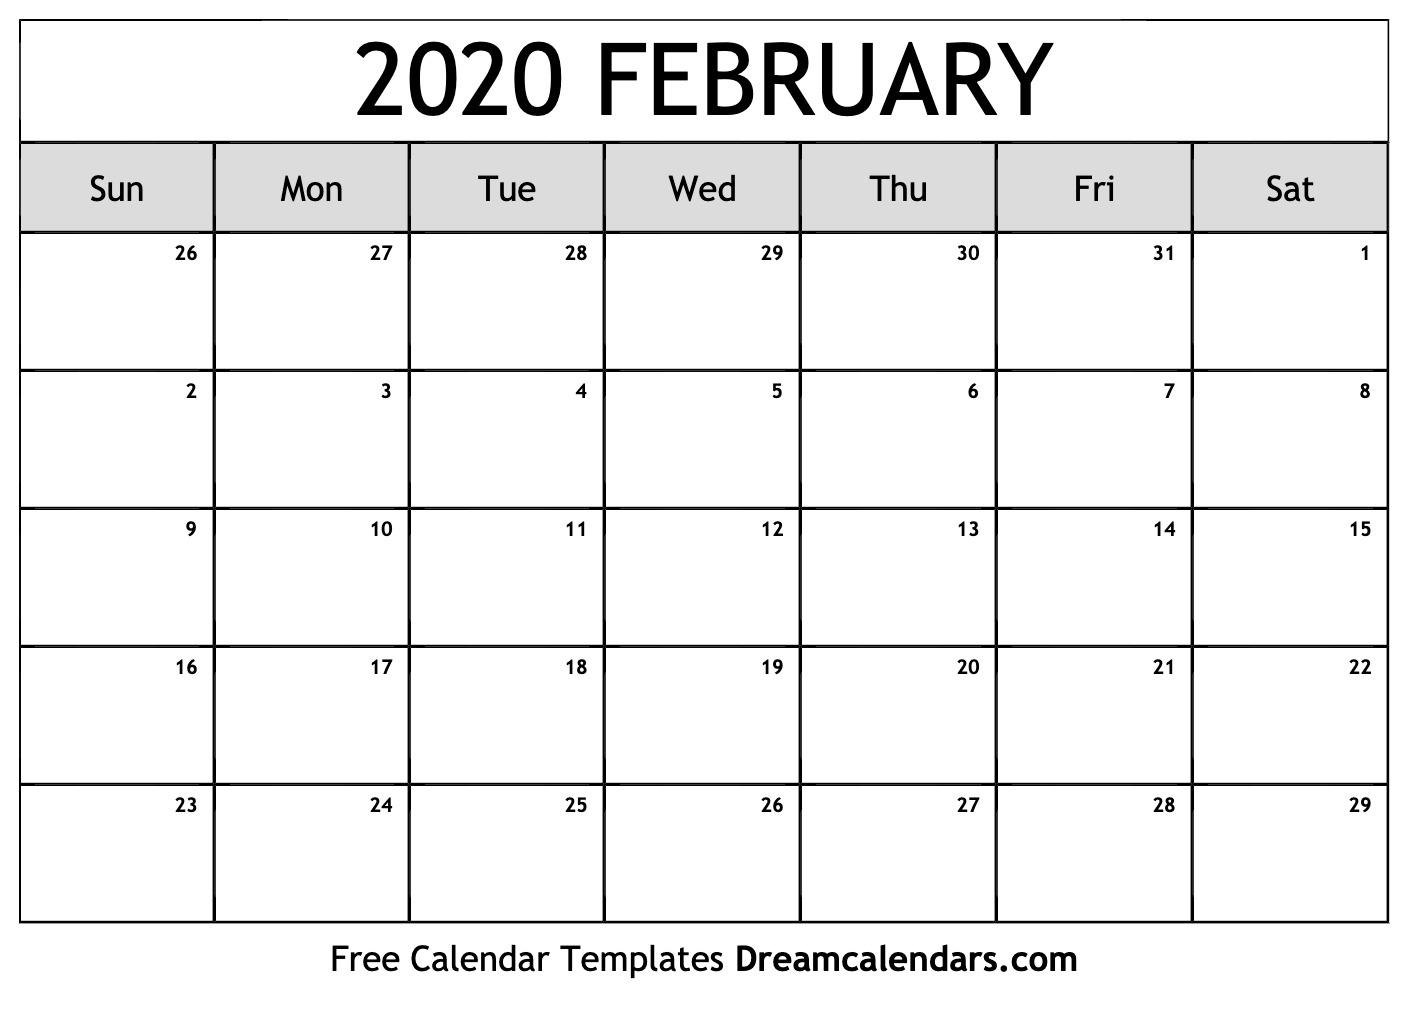 Free February 2020 Printable Calendar | Dream Calendars